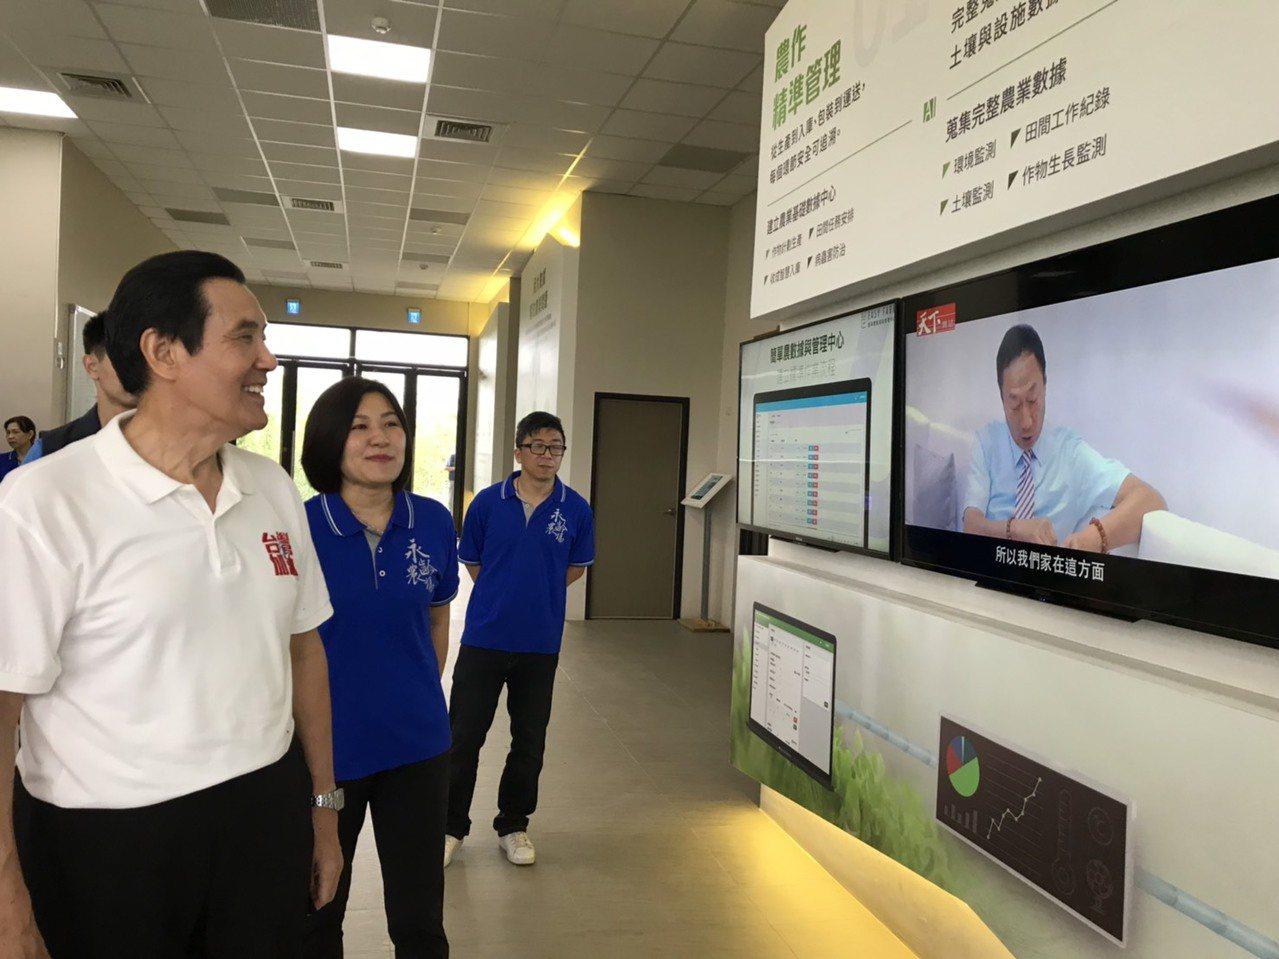 前總統馬英九(左一)參訪鴻海集團創辦人郭台銘永齡農場,因颱風因素兩人沒碰到面,圖...